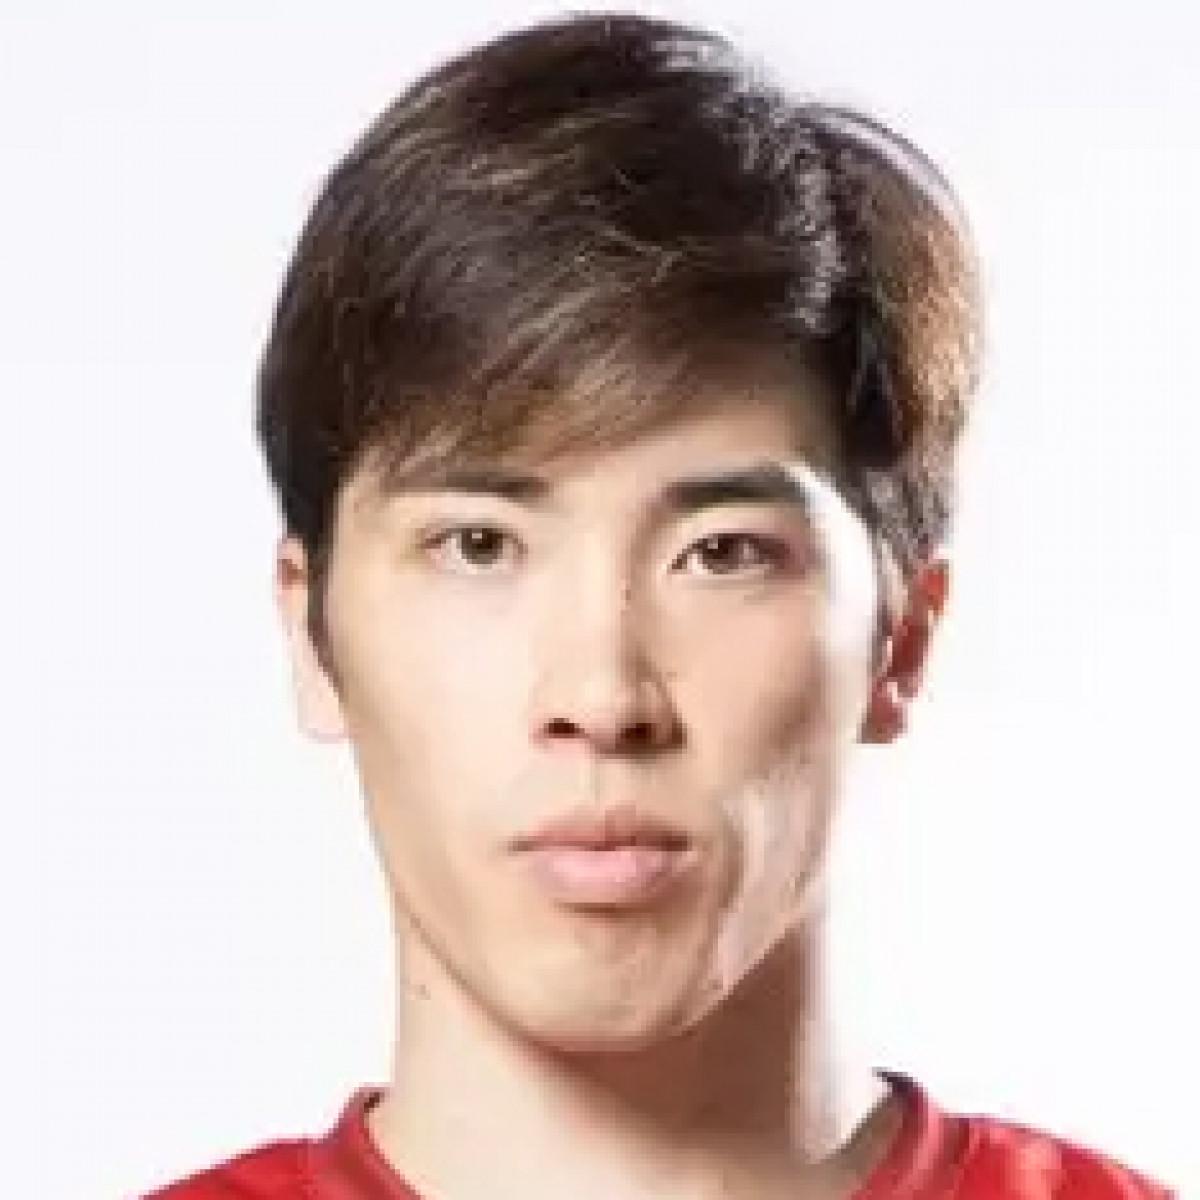 Yutaro Nishi